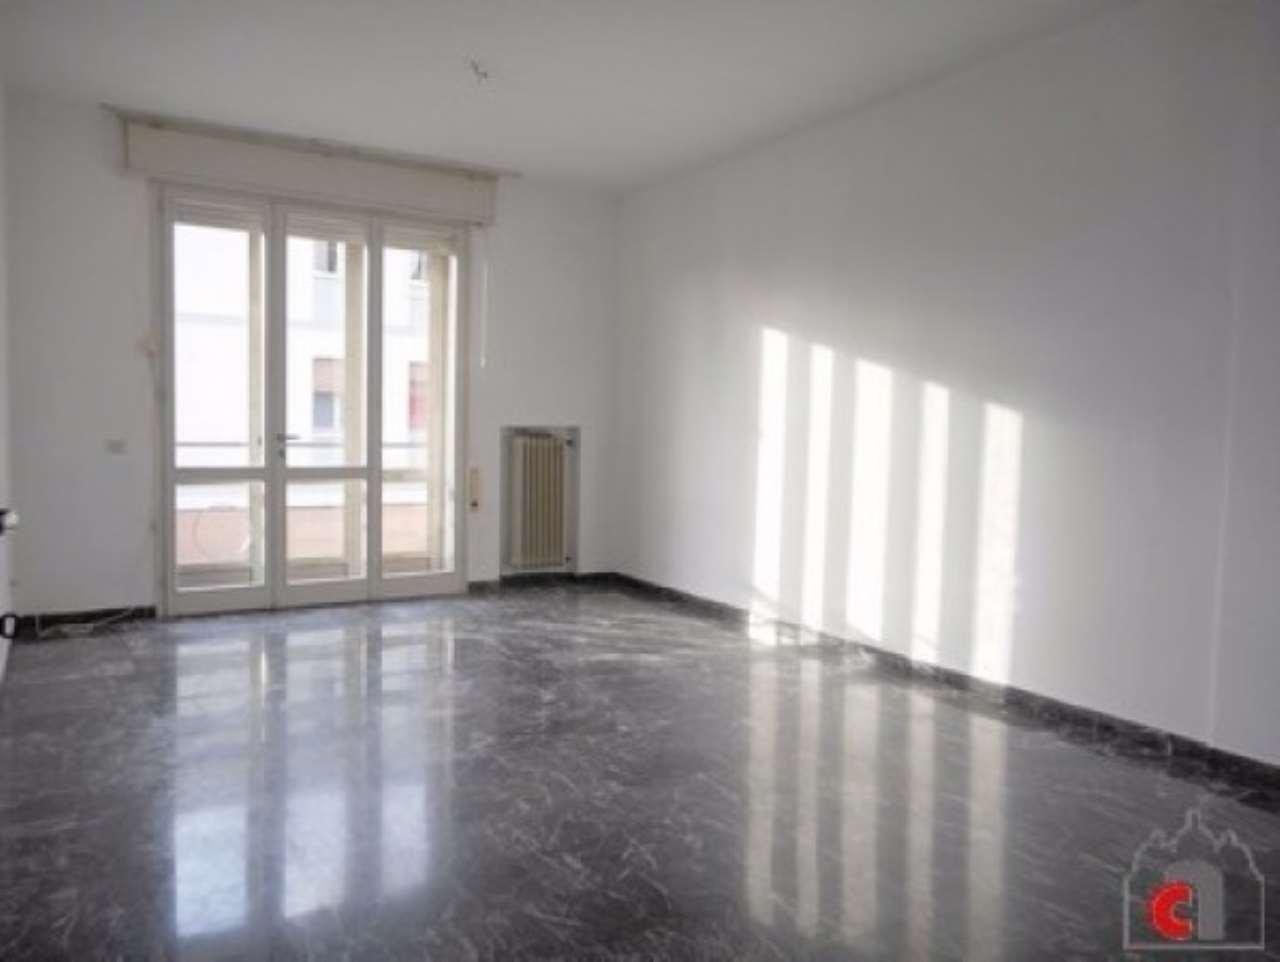 Appartamento in vendita a Padova, 5 locali, zona Zona: 5 . Sud-Ovest (Armistizio-Savonarola), prezzo € 170.000 | CambioCasa.it